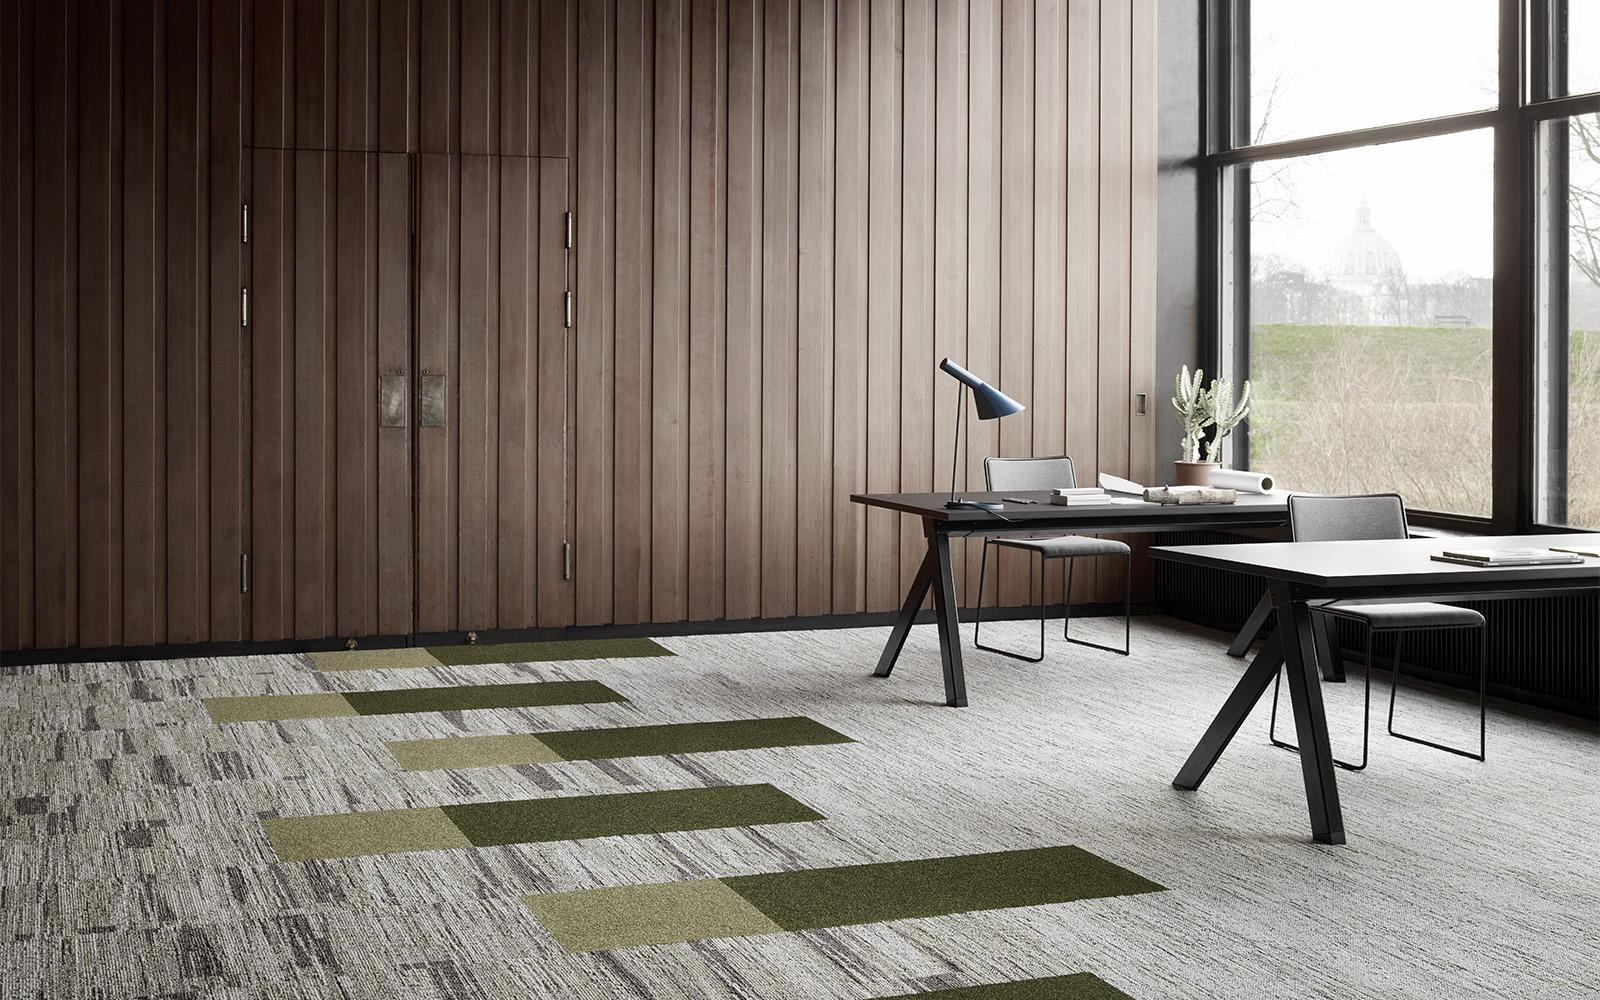 Design de moquette durable en beige et vert